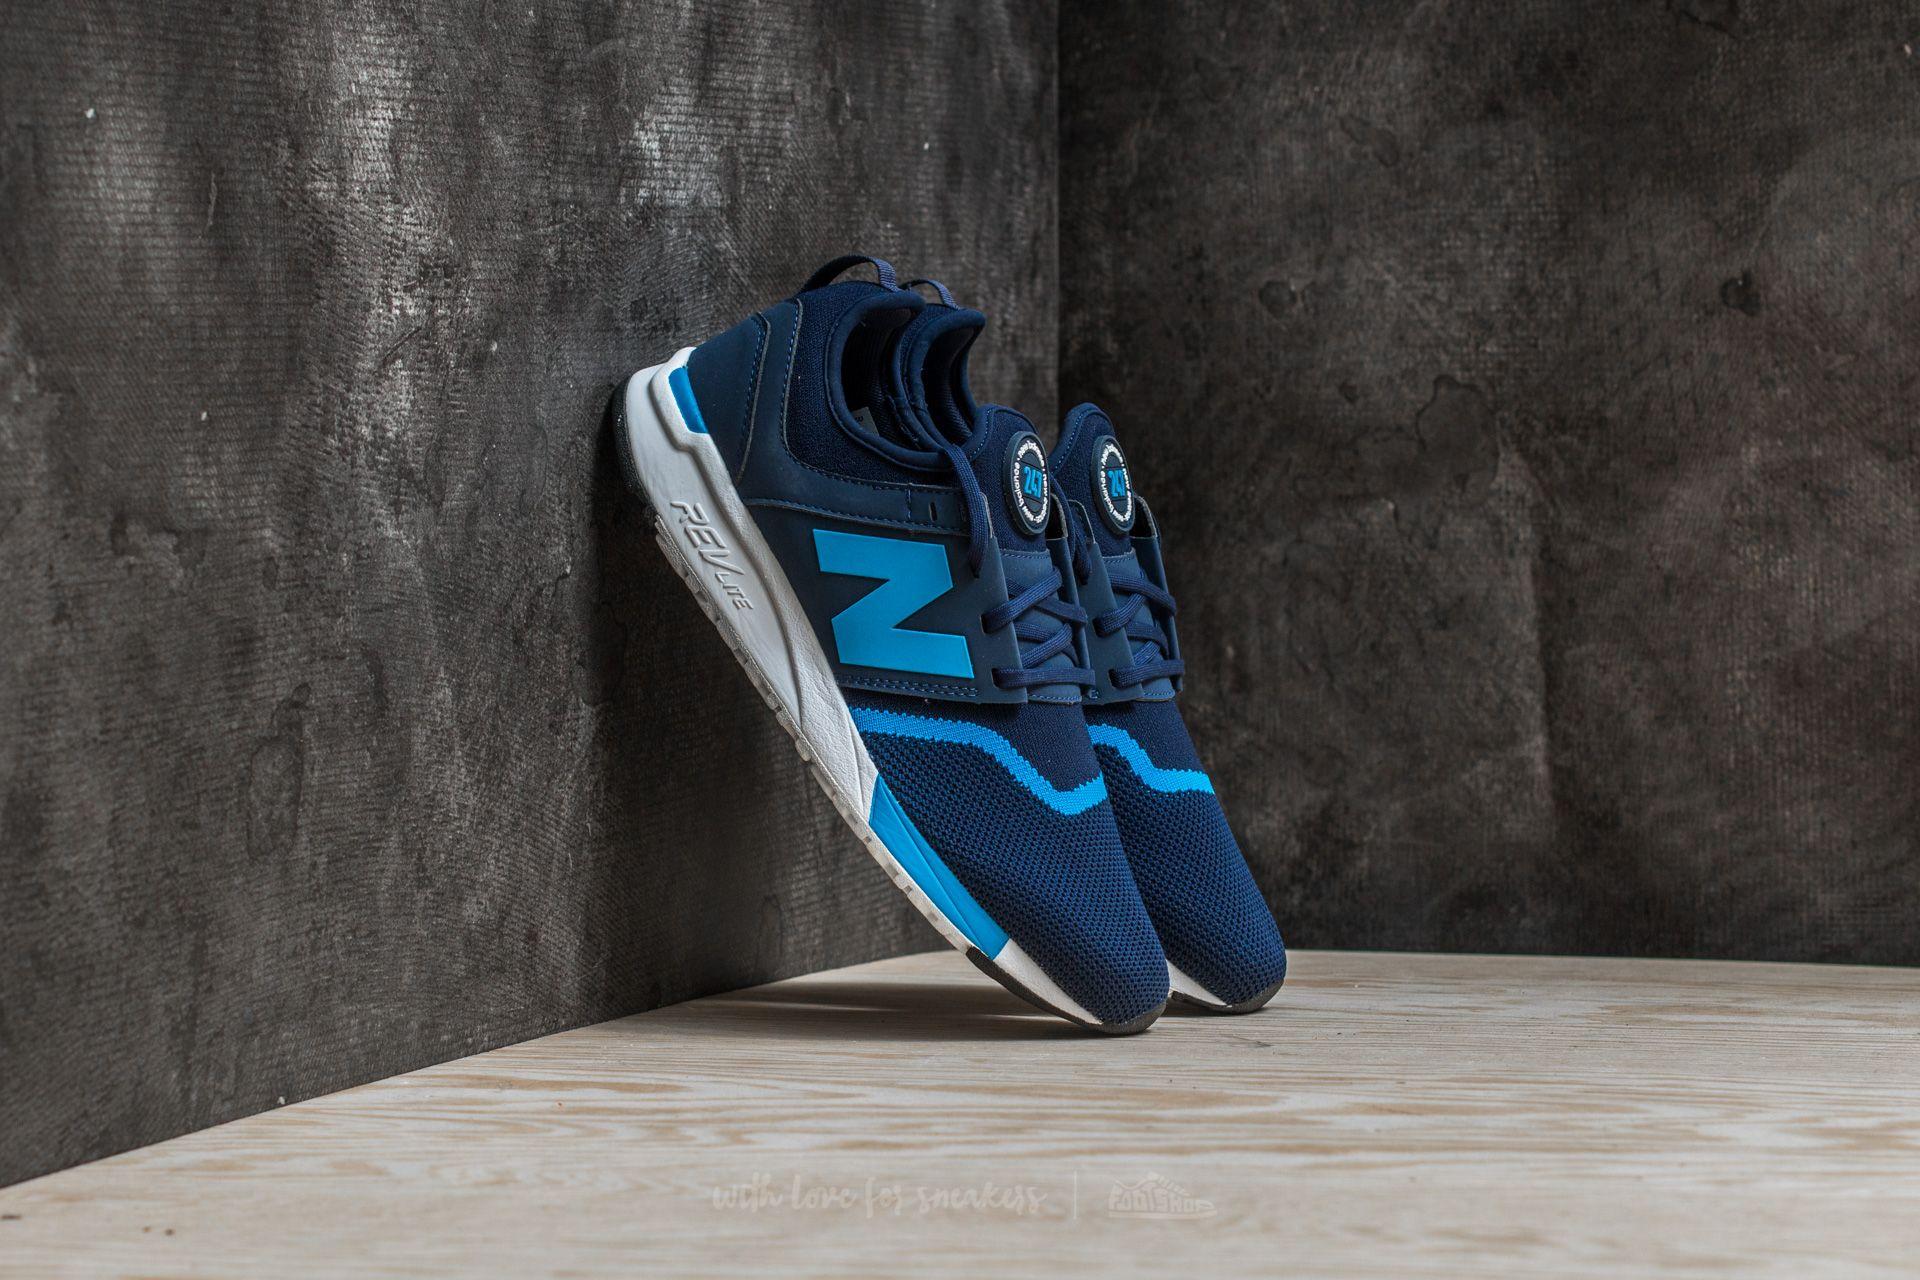 new balance 247 turquoise